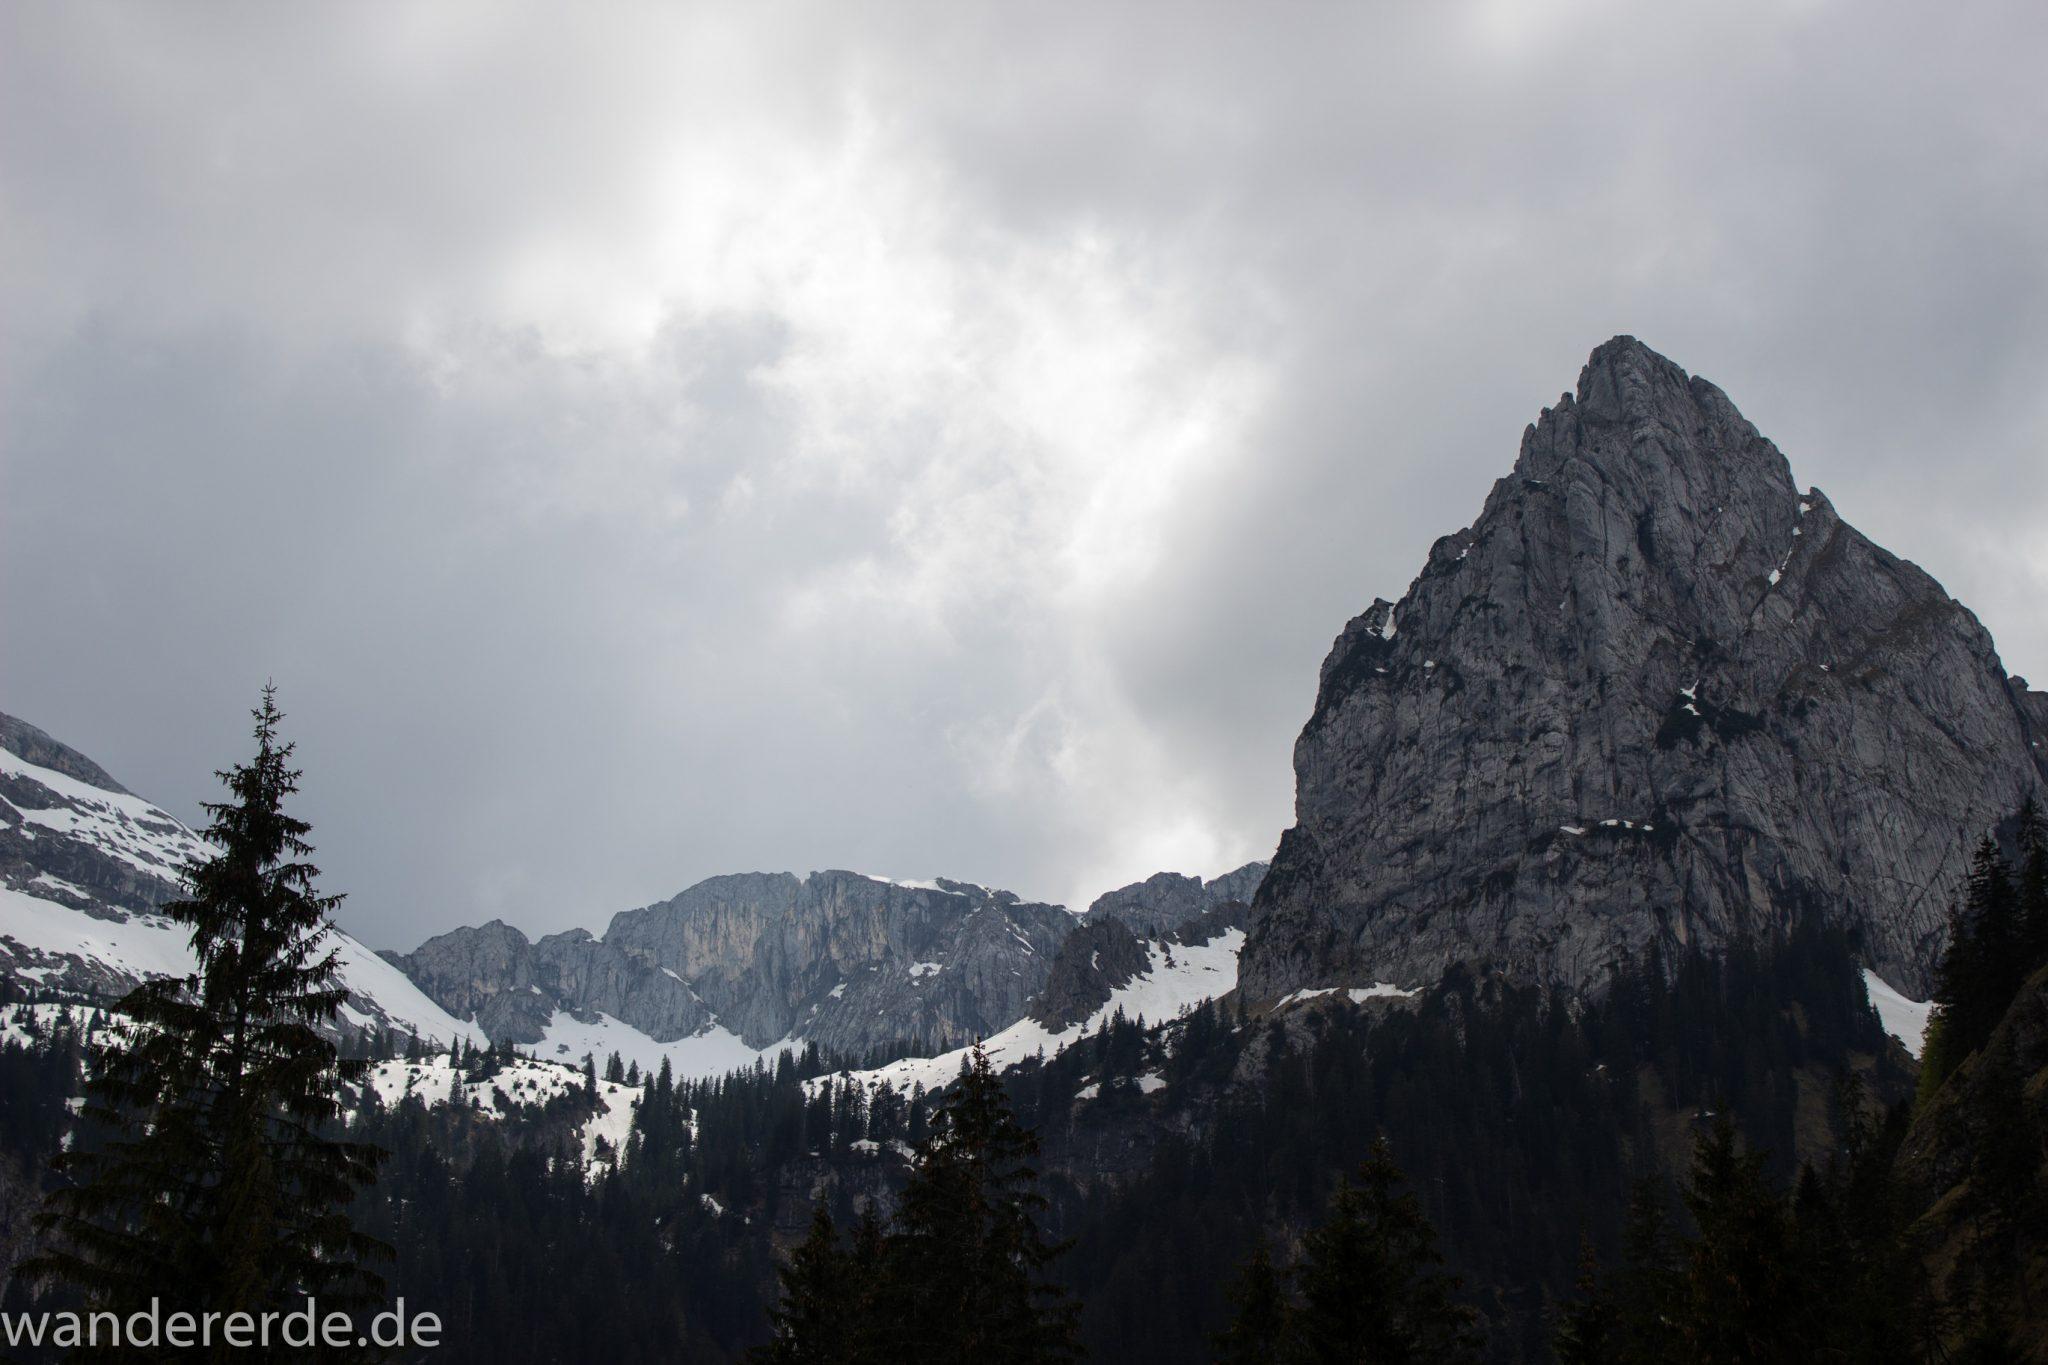 Wanderung zur Kenzenhütte in den Ammergauer Alpen, Aussicht auf die teils schneebedeckten Berge, spitzer Gipfel, Frühjahr in den bayerischen Alpen, sehr atmosphärisch durch dichte Wolkenfelder